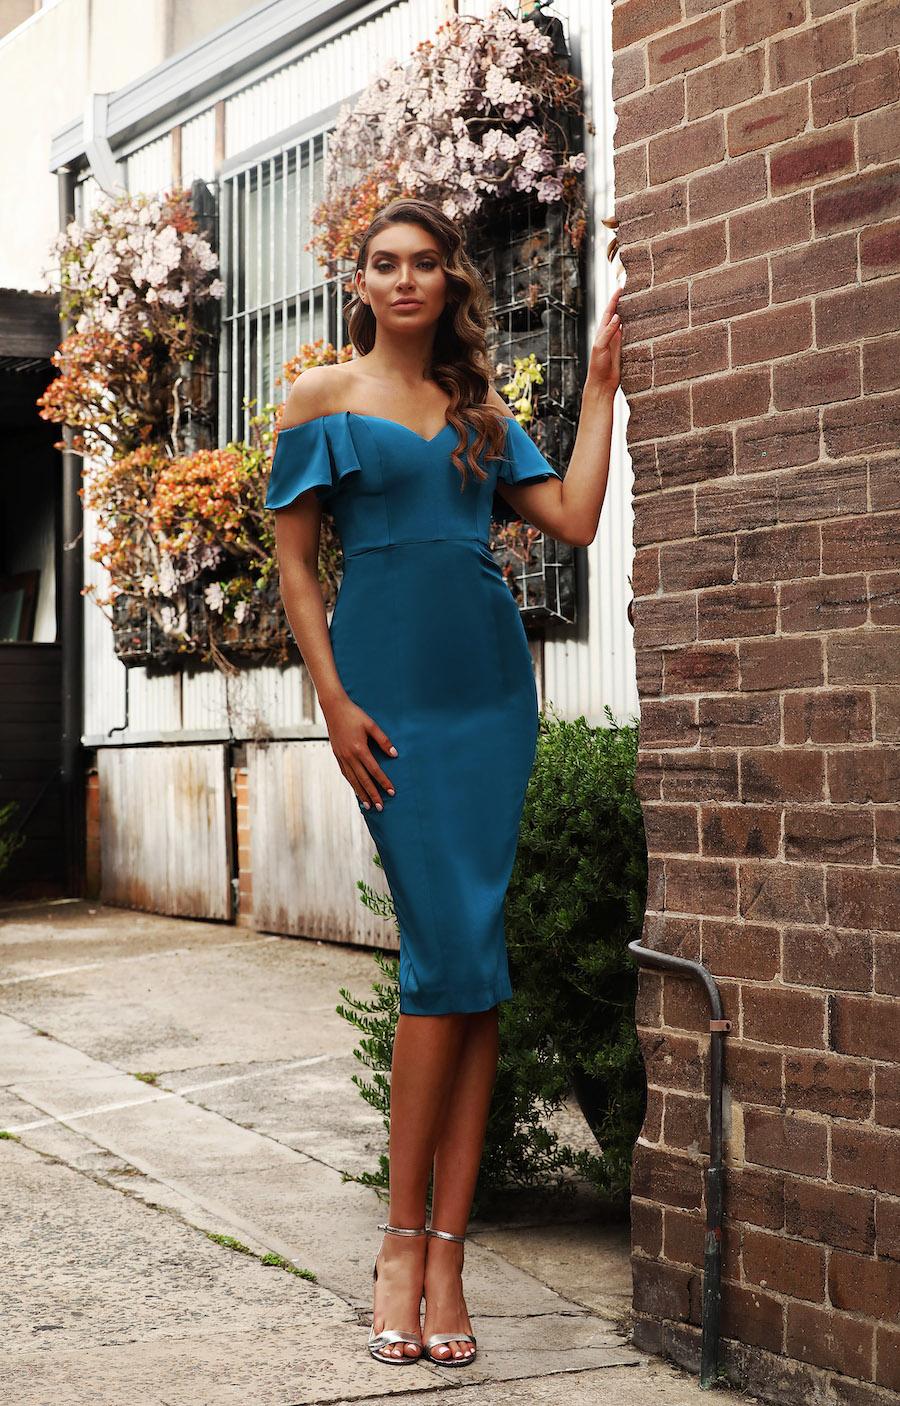 Sweetheart neckline off the shoulder elegant dress